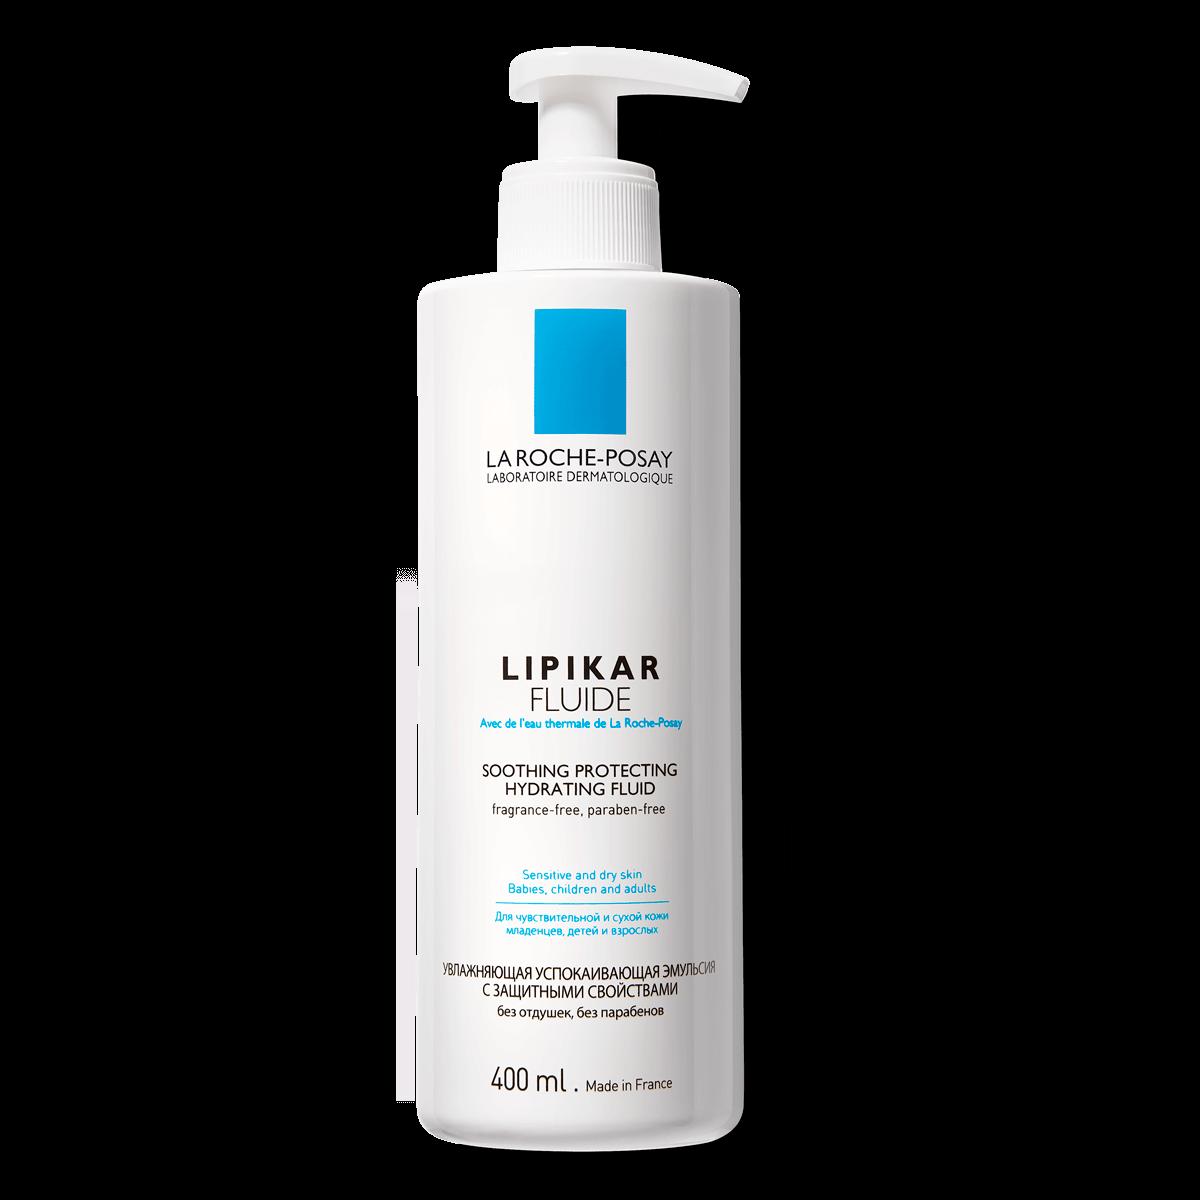 La Roche Posay ProduktSide Eksem Lipikar Fluide 400ml 3337872420597 F